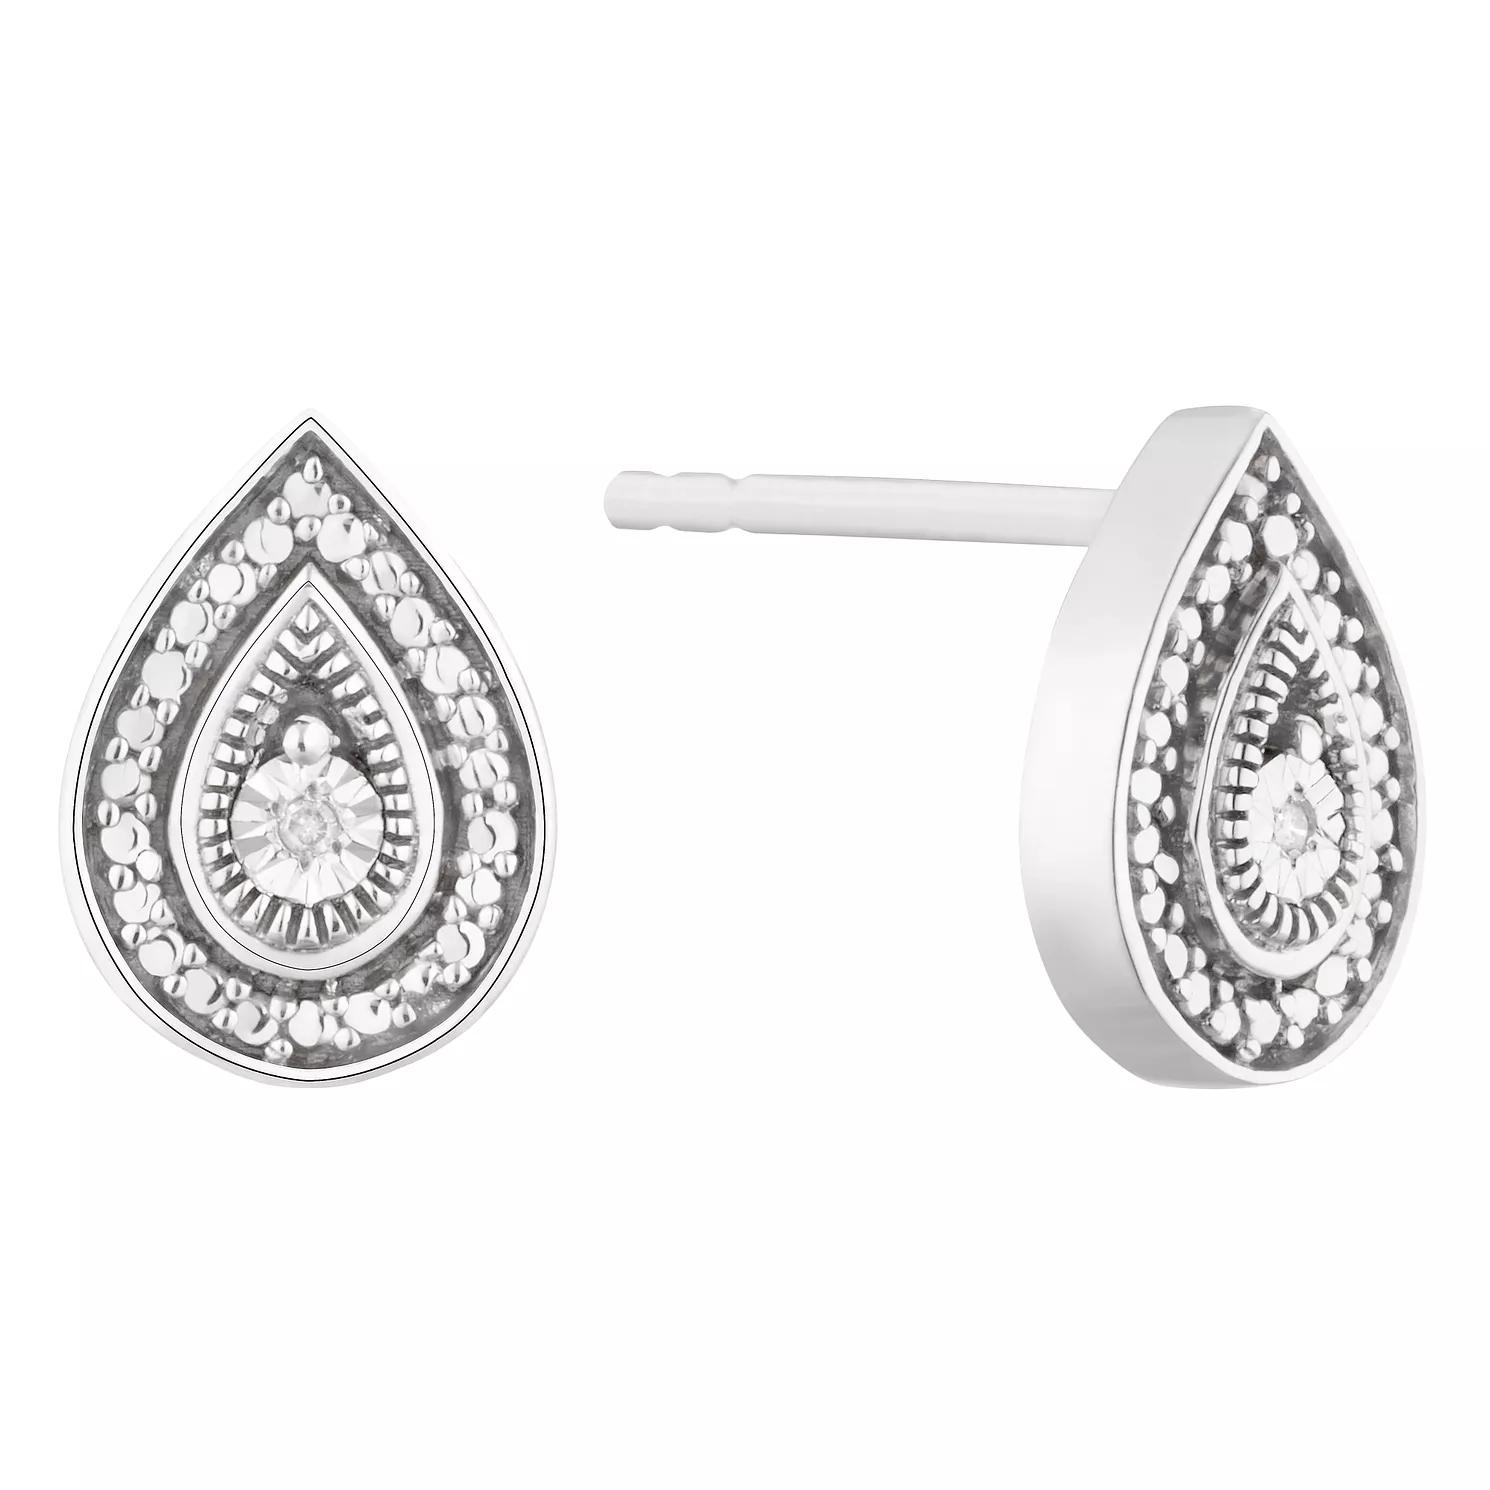 Silver Diamond Fancy Pear Stud Earrings @ H Samuel - Now £23.20 with code JANSALE